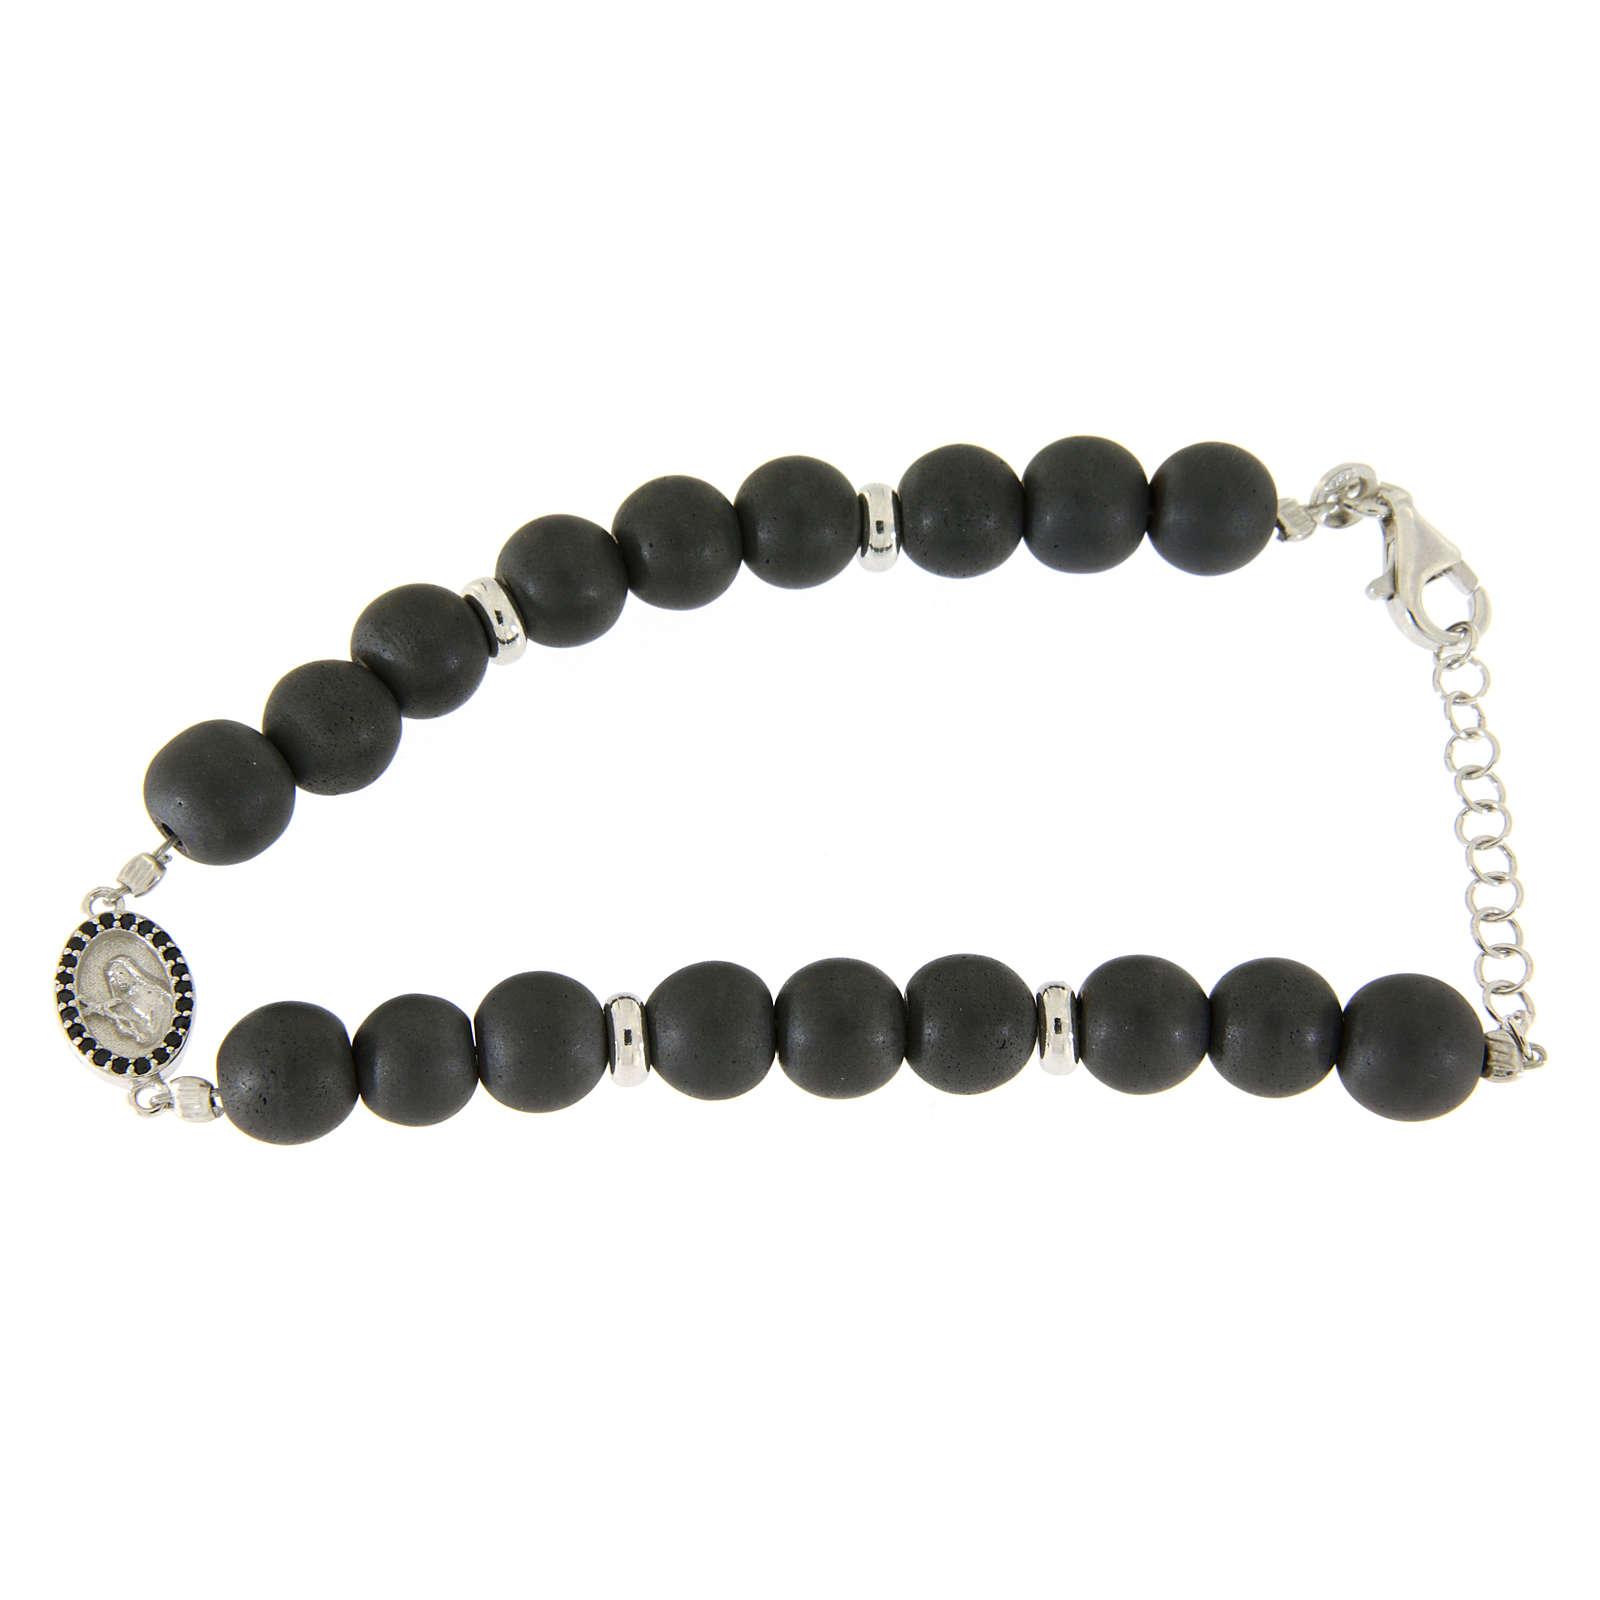 Bracelet médaille Ste Rita argent et zircons noirs perles en hématite 7 mm 4